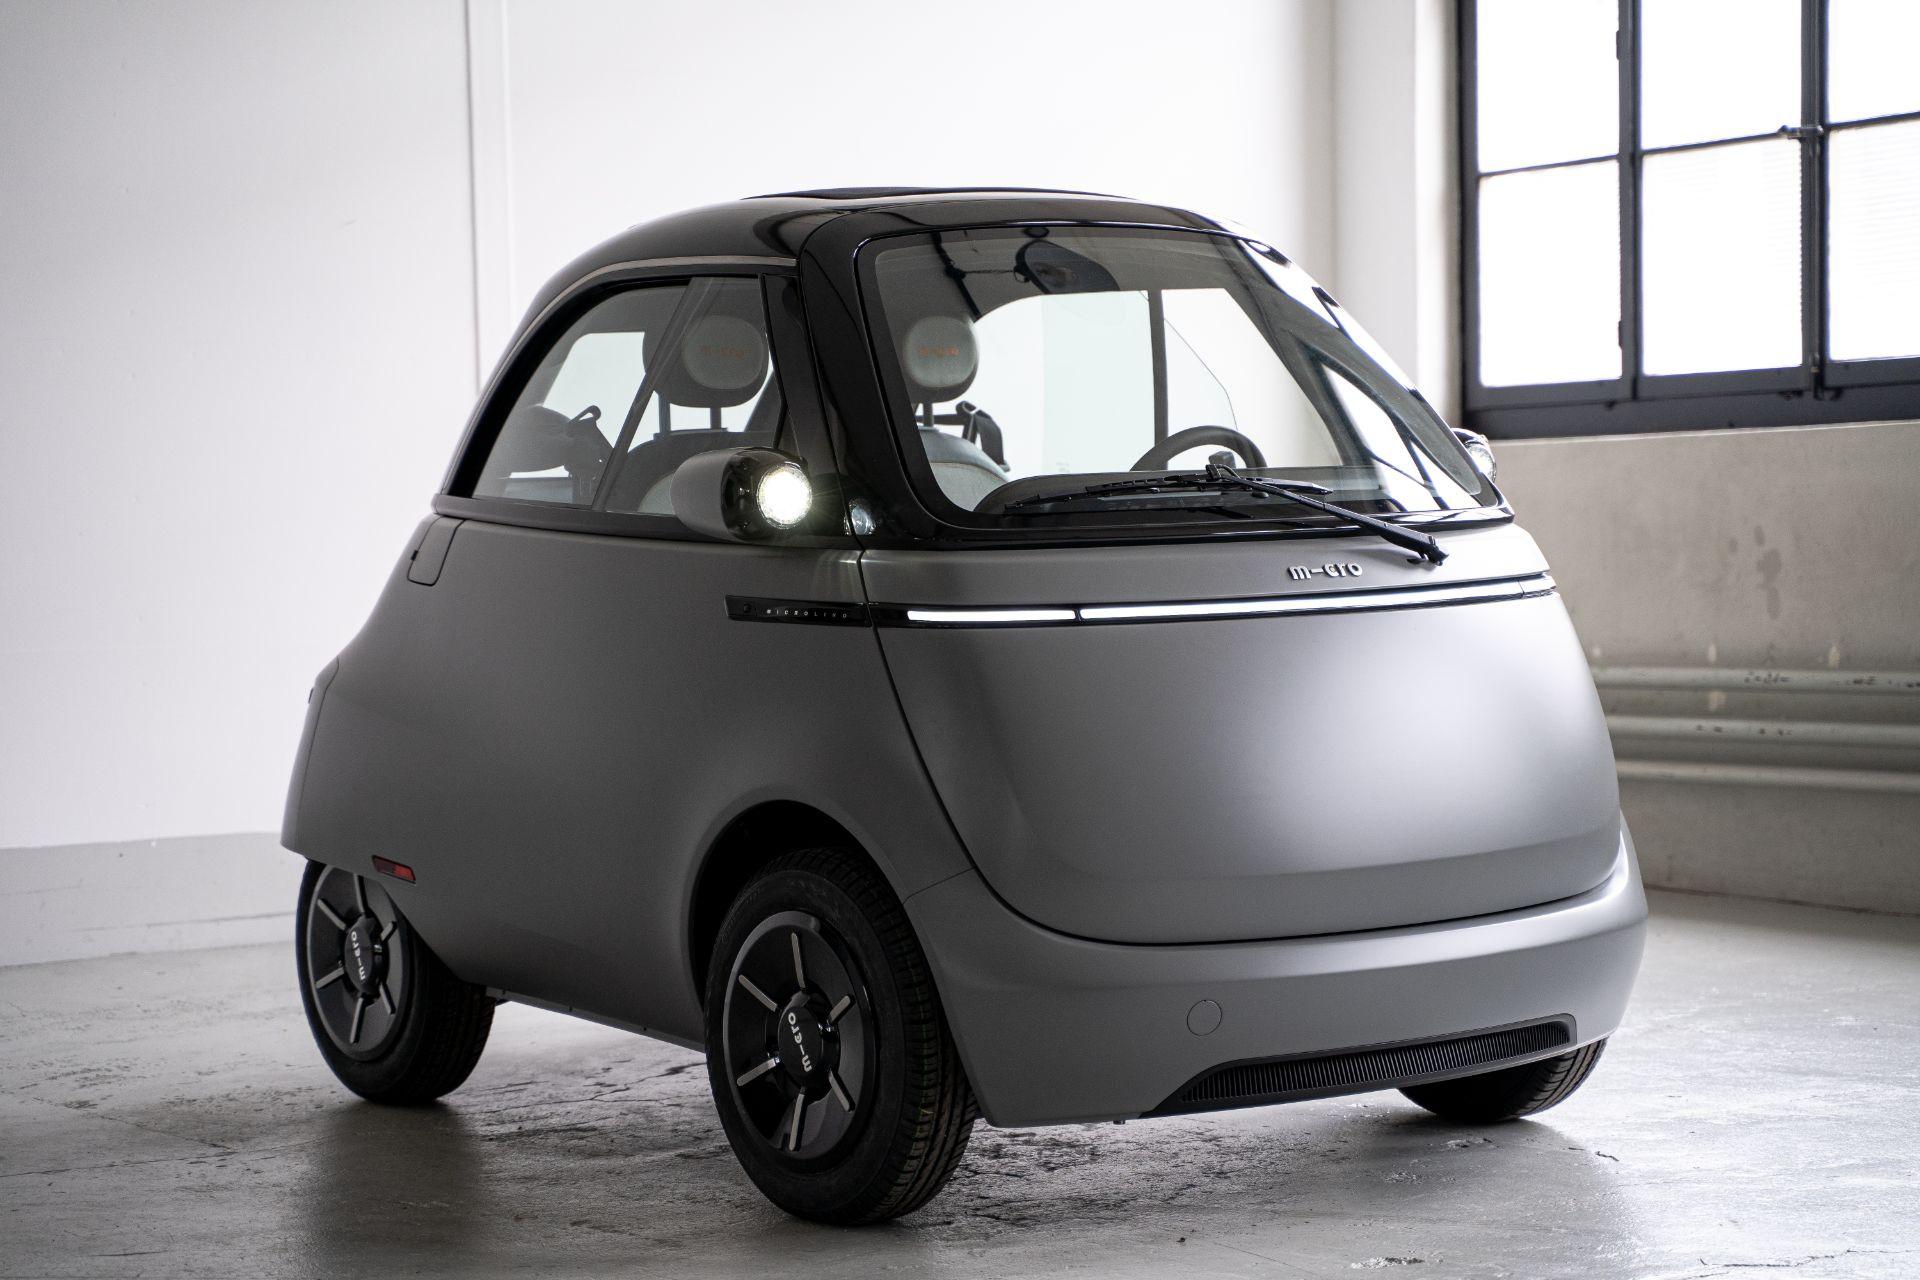 Xe điện tí hon Microlino 2.0 tái sinh huyền thoại BMW Isetta - 6